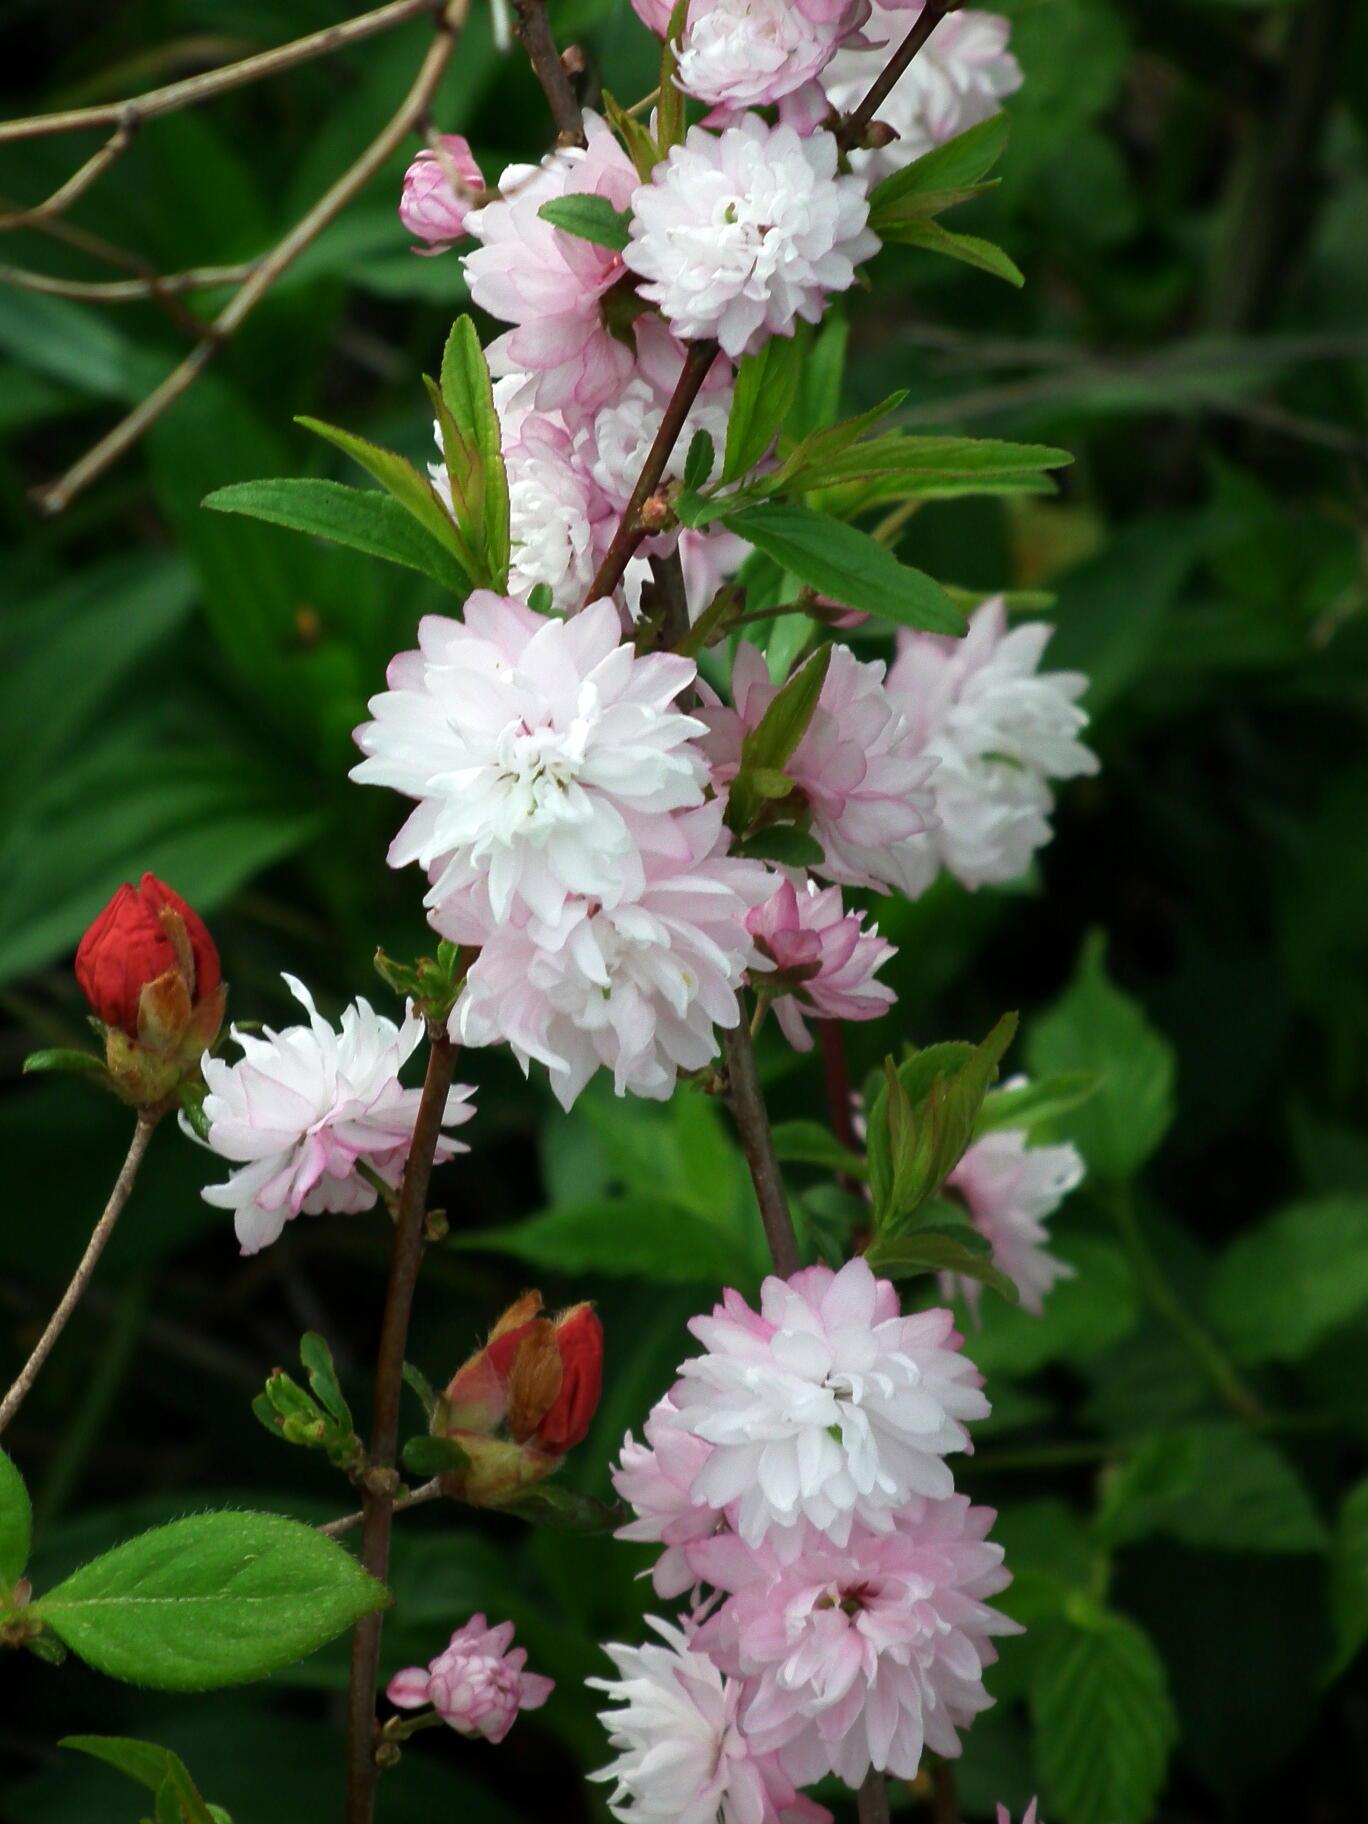 中国では麦李…日本では庭桜_e0064158_23542148.jpg